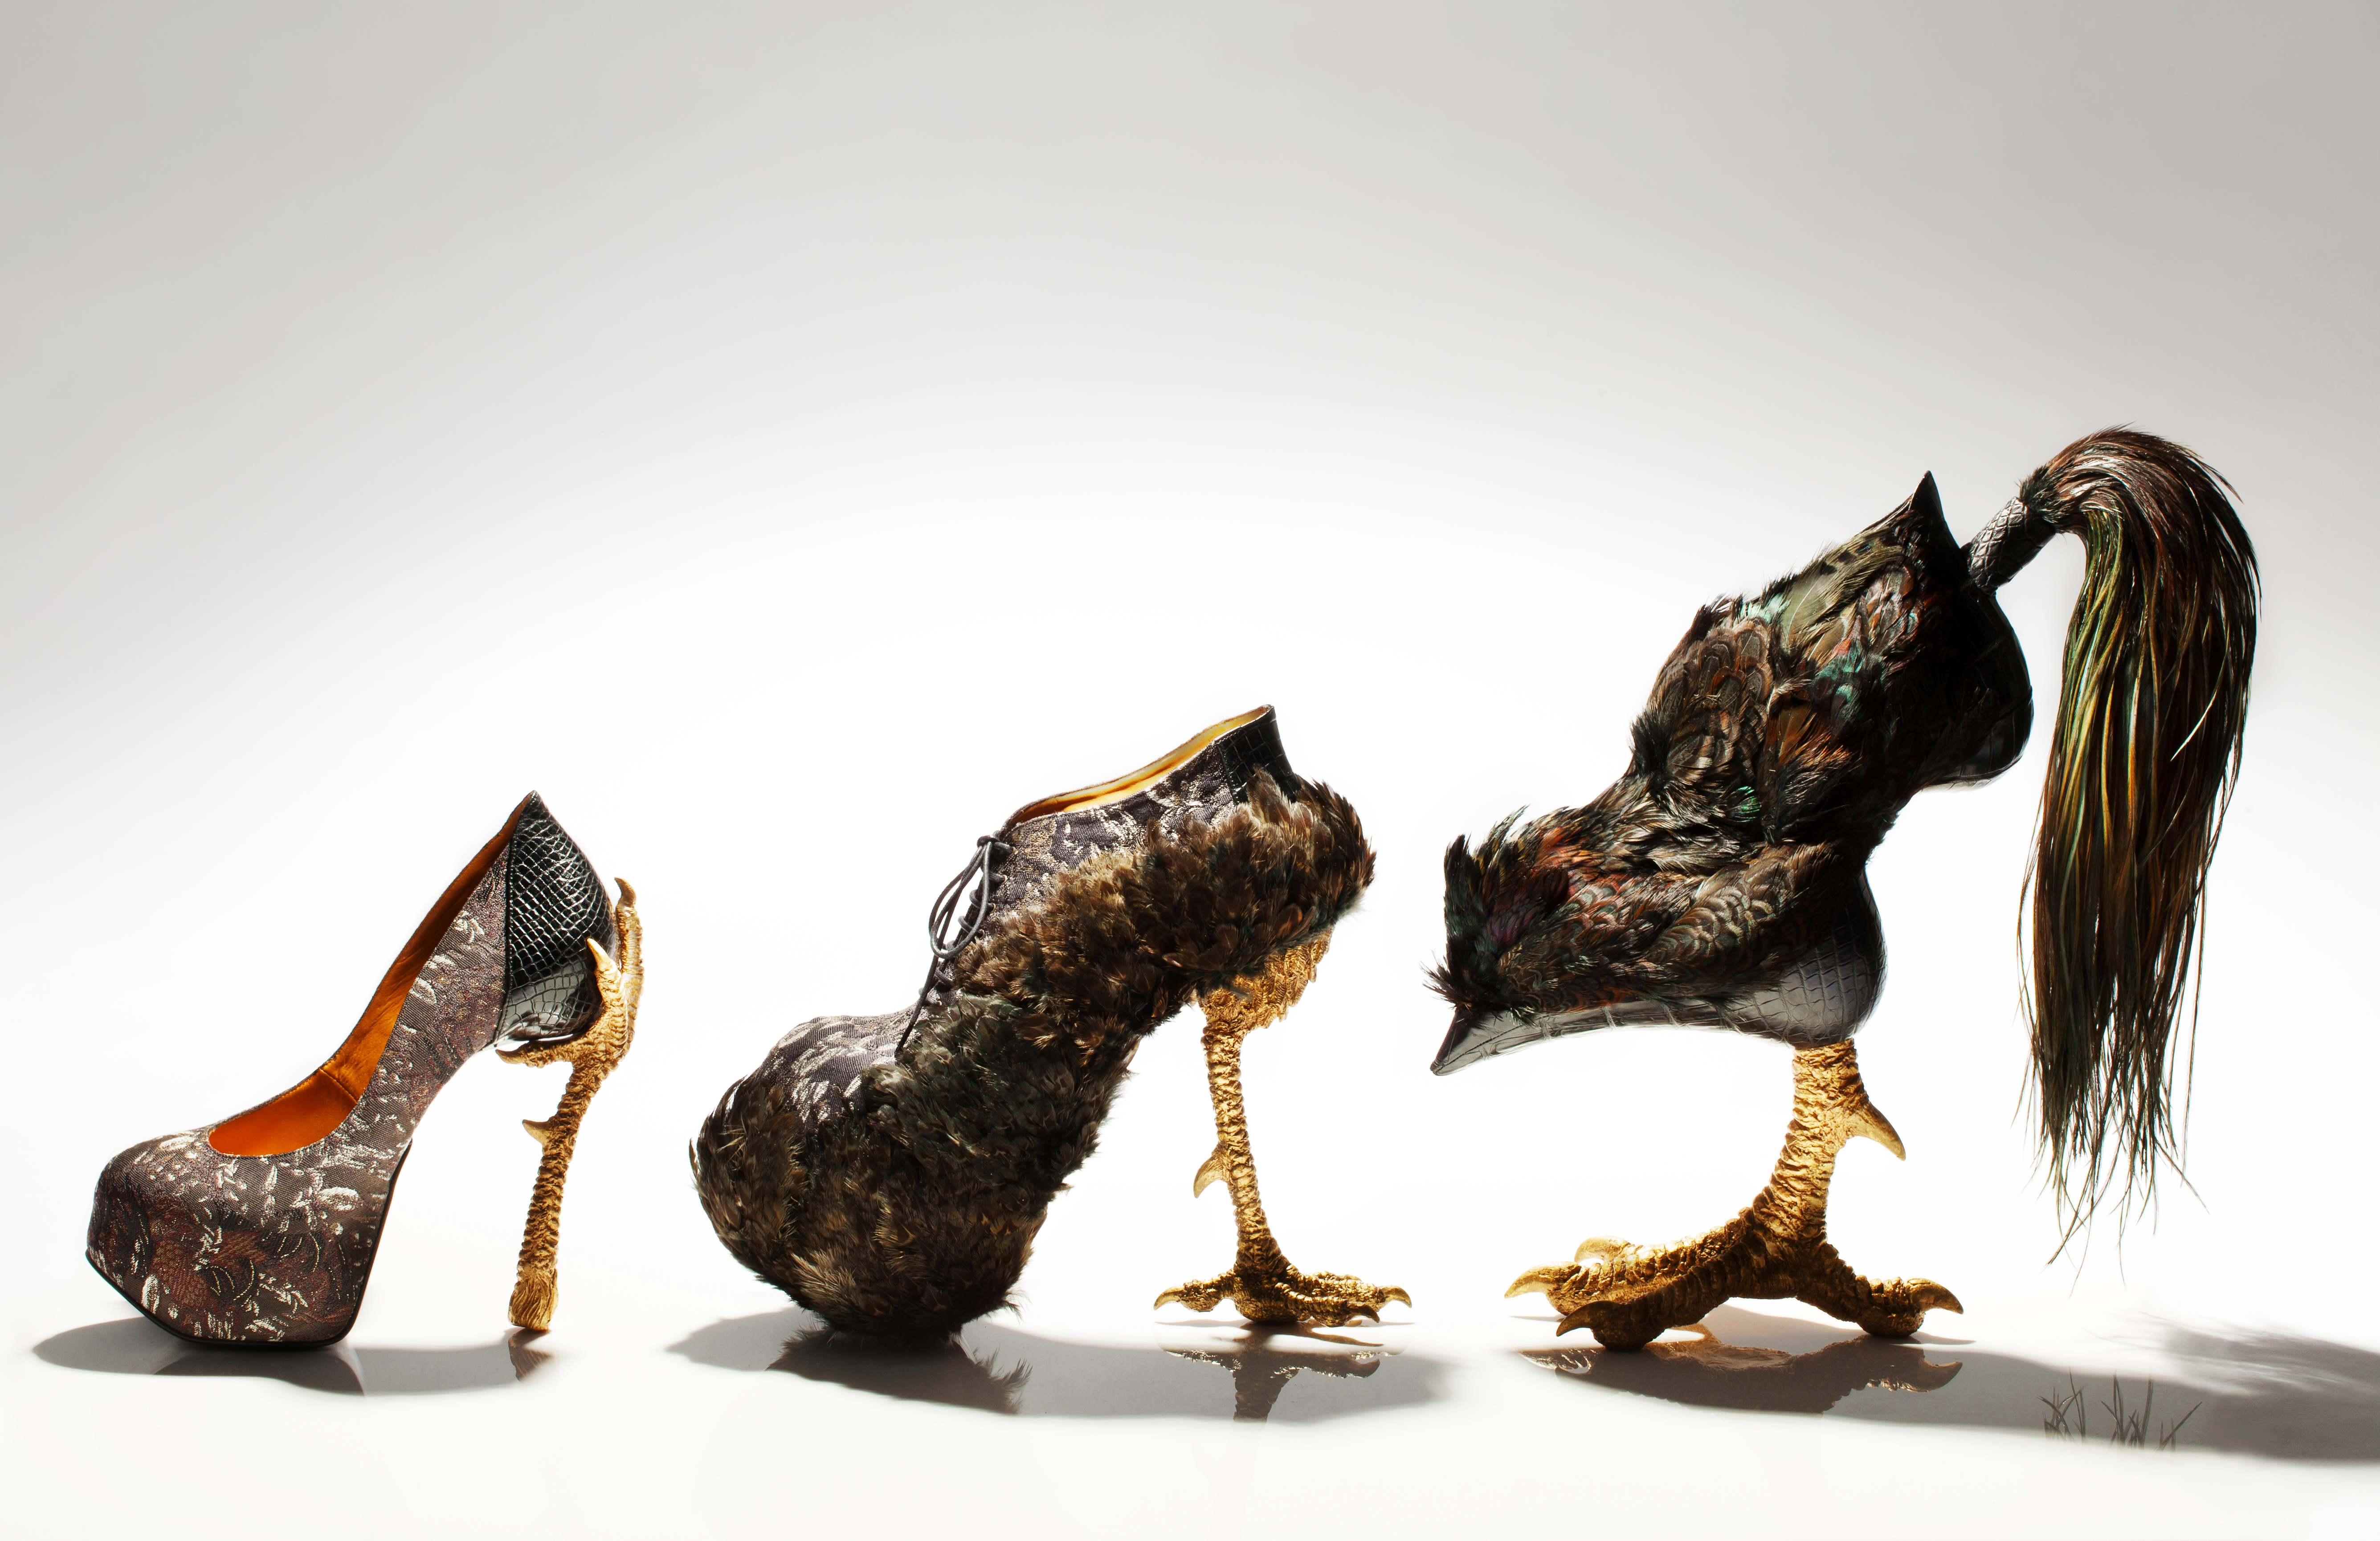 смешные картинки с обувью дизайн героиня имени